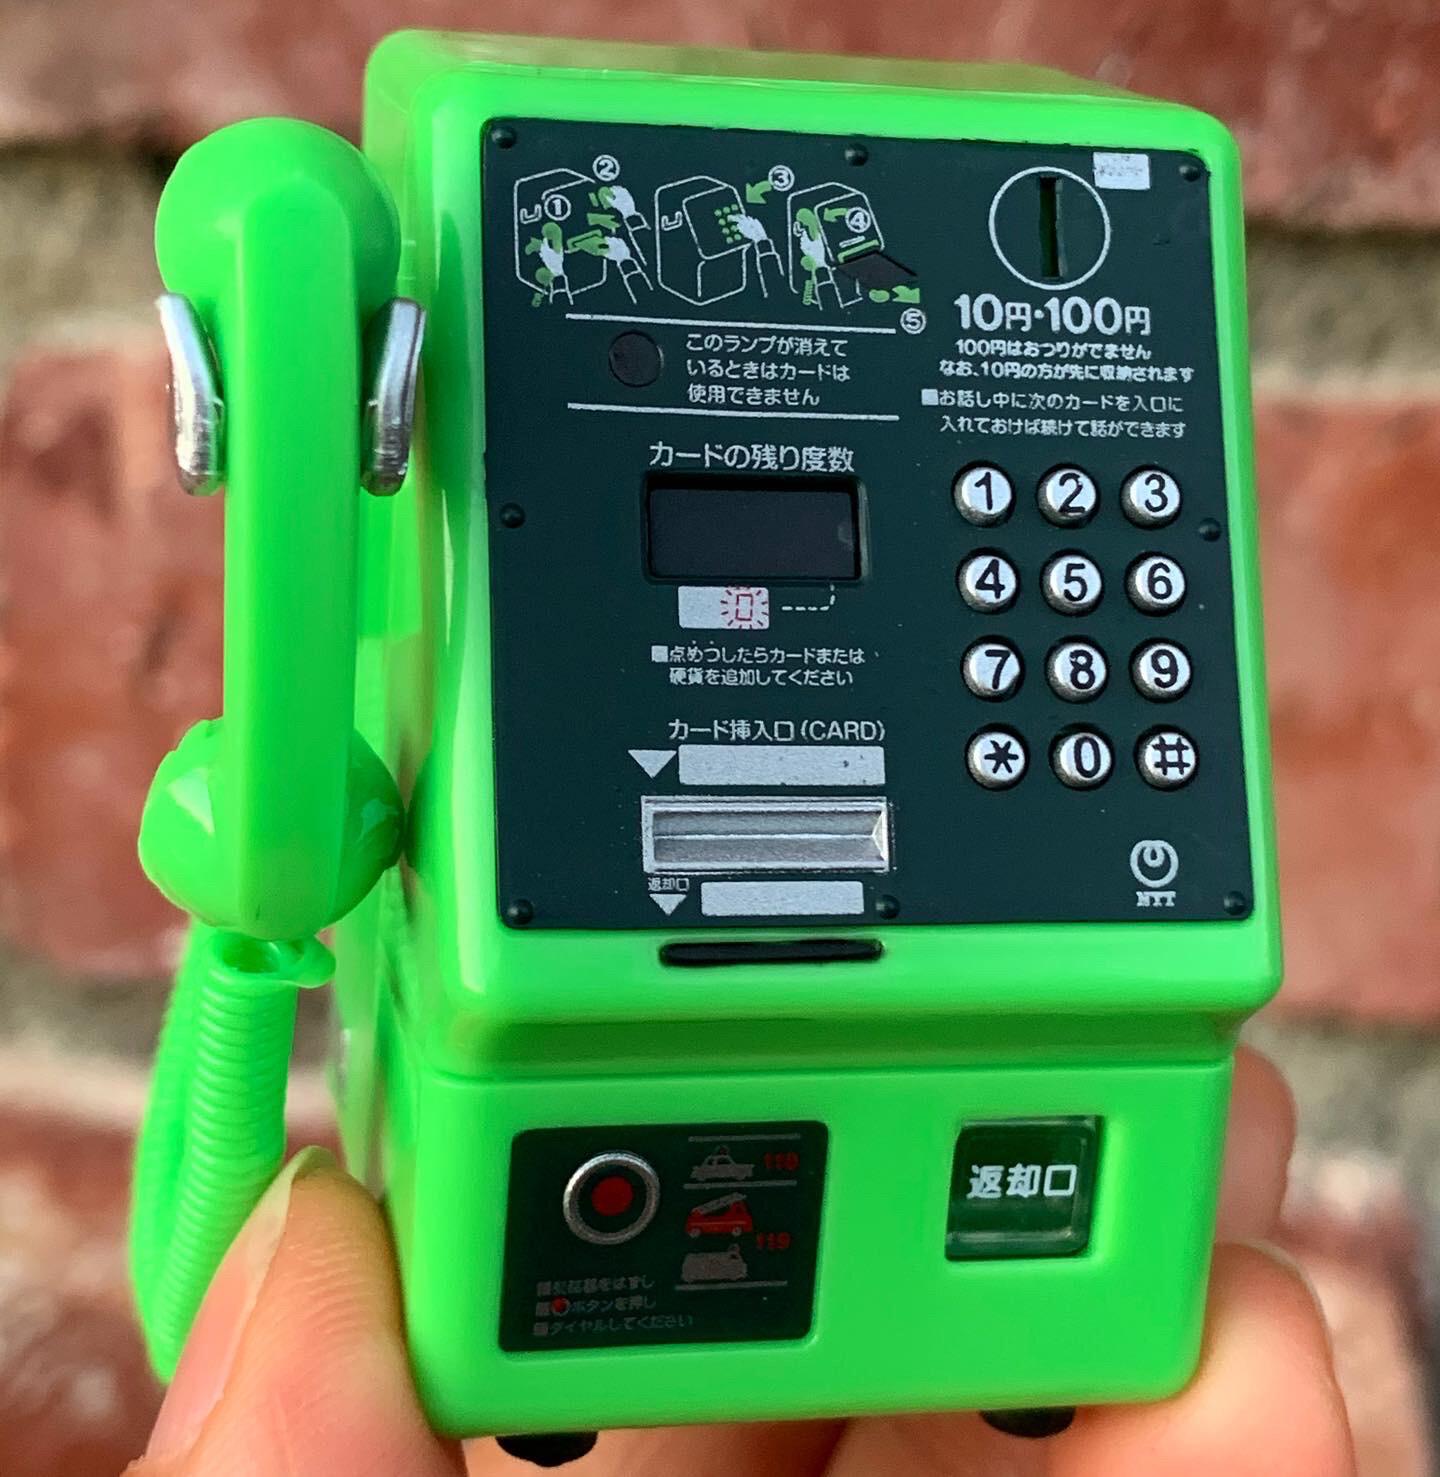 TTA Takara Public Phone Miniature